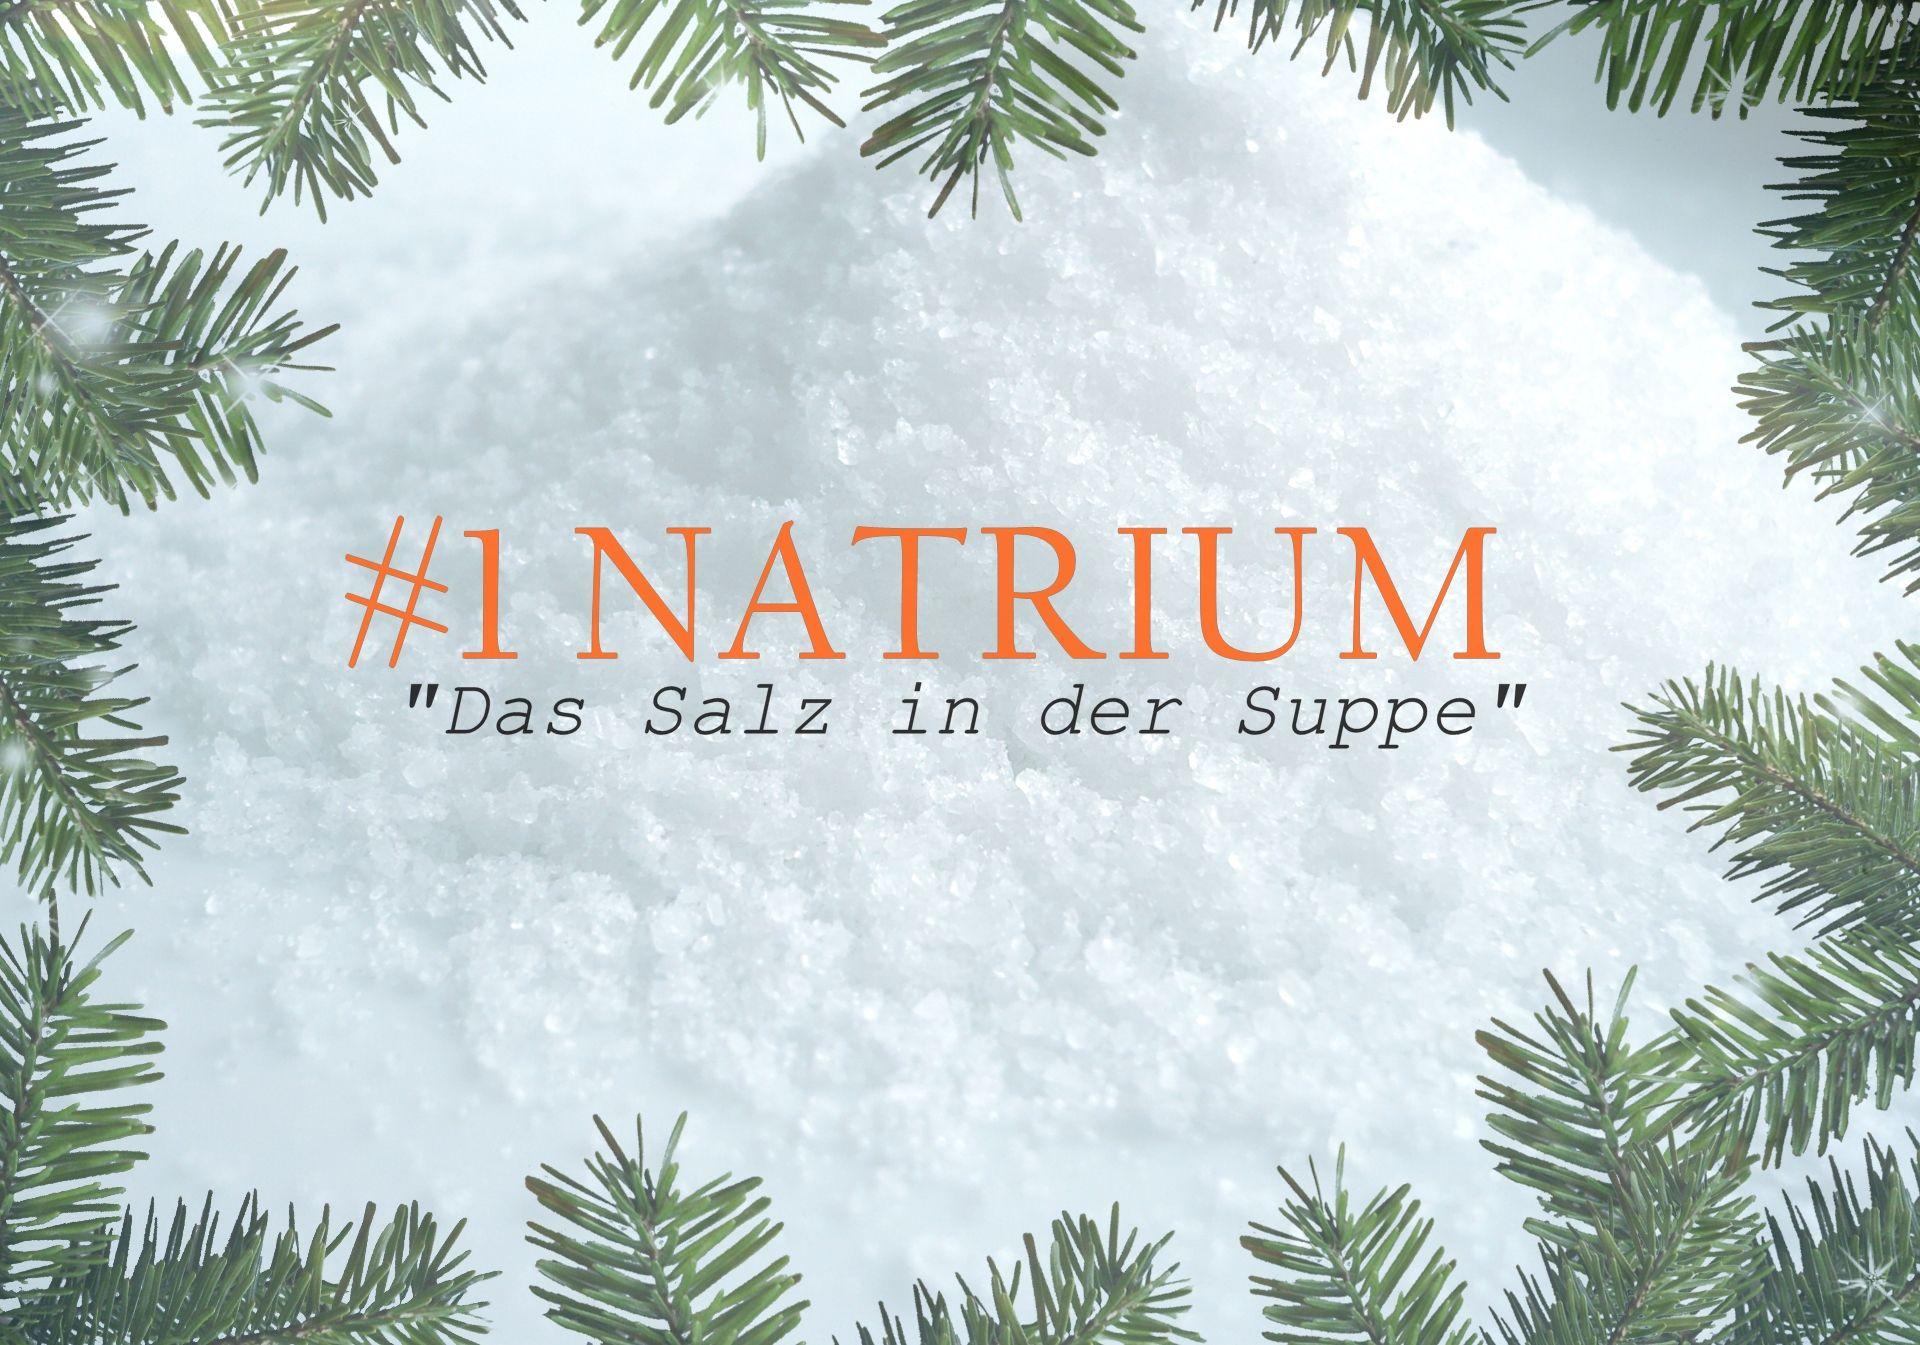 #1natrium